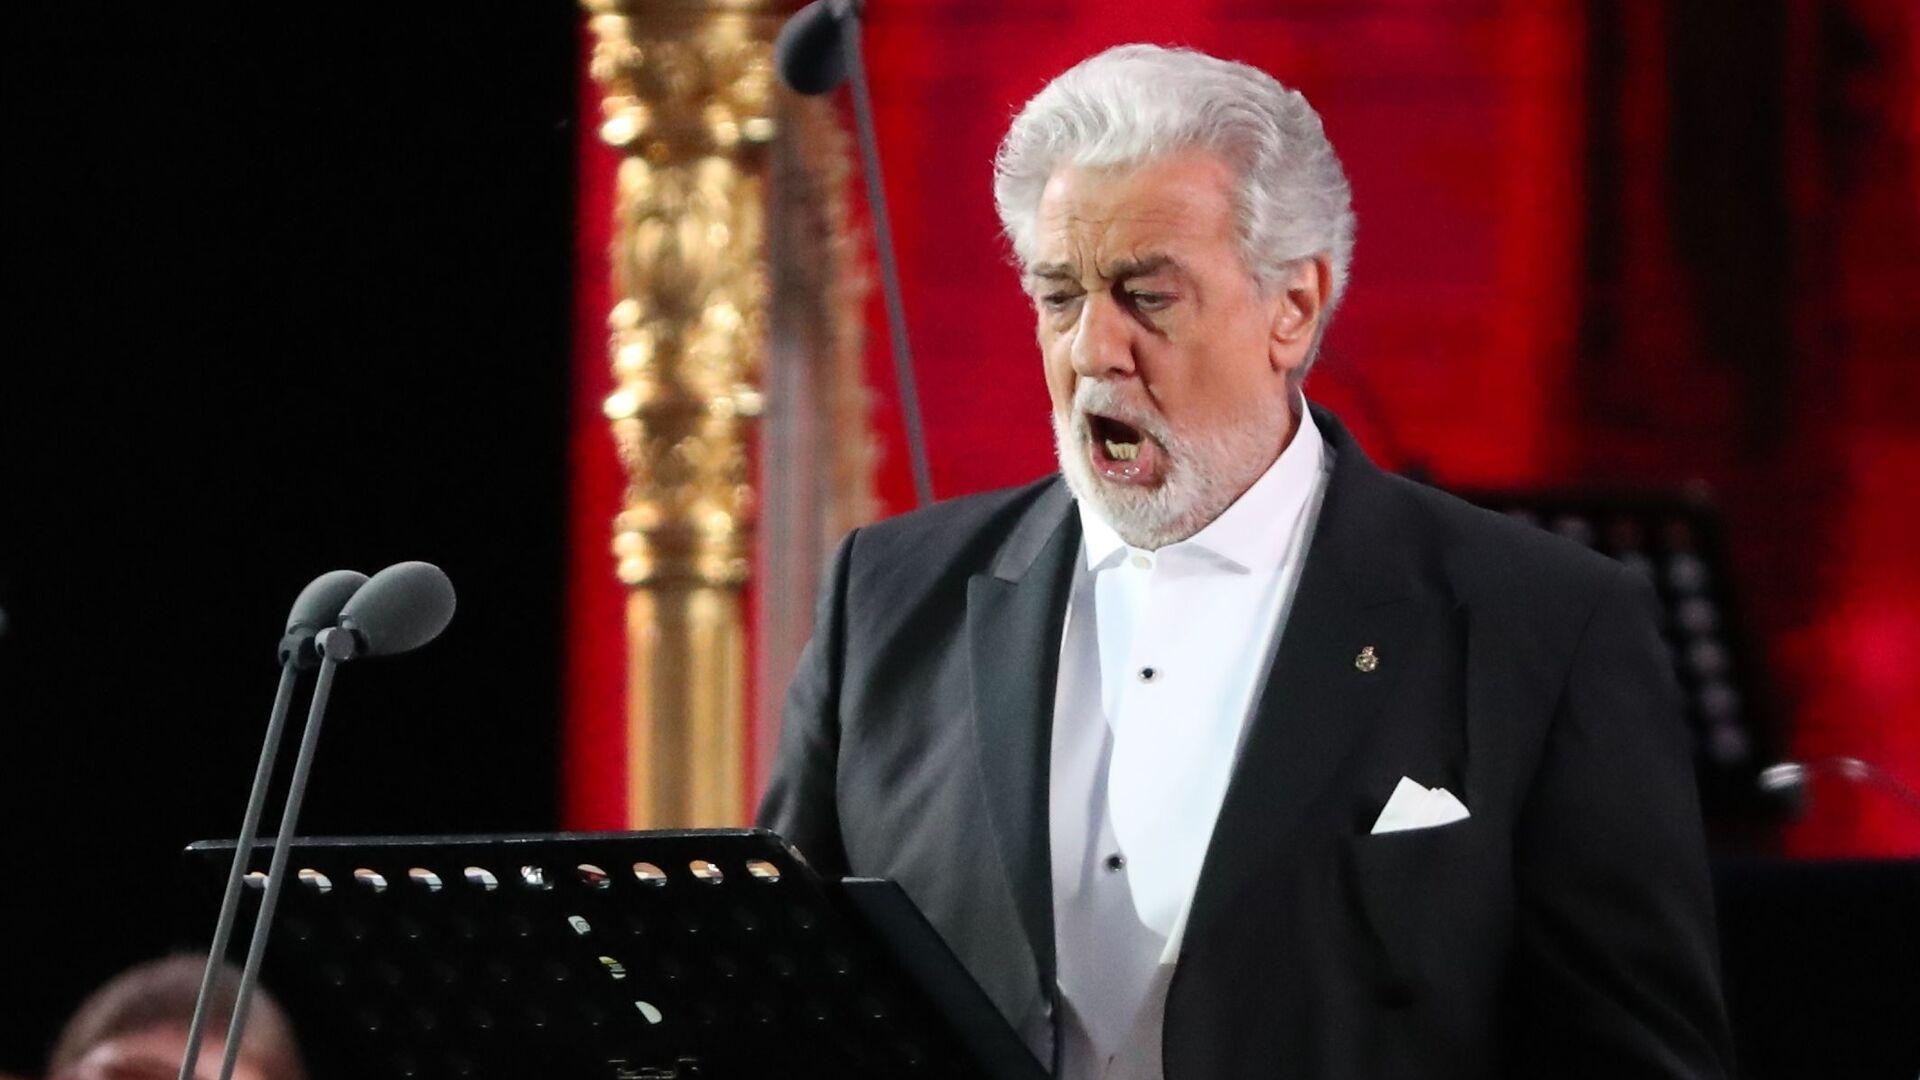 Plácido Domingo, cantante de ópera español - Sputnik Mundo, 1920, 05.03.2021